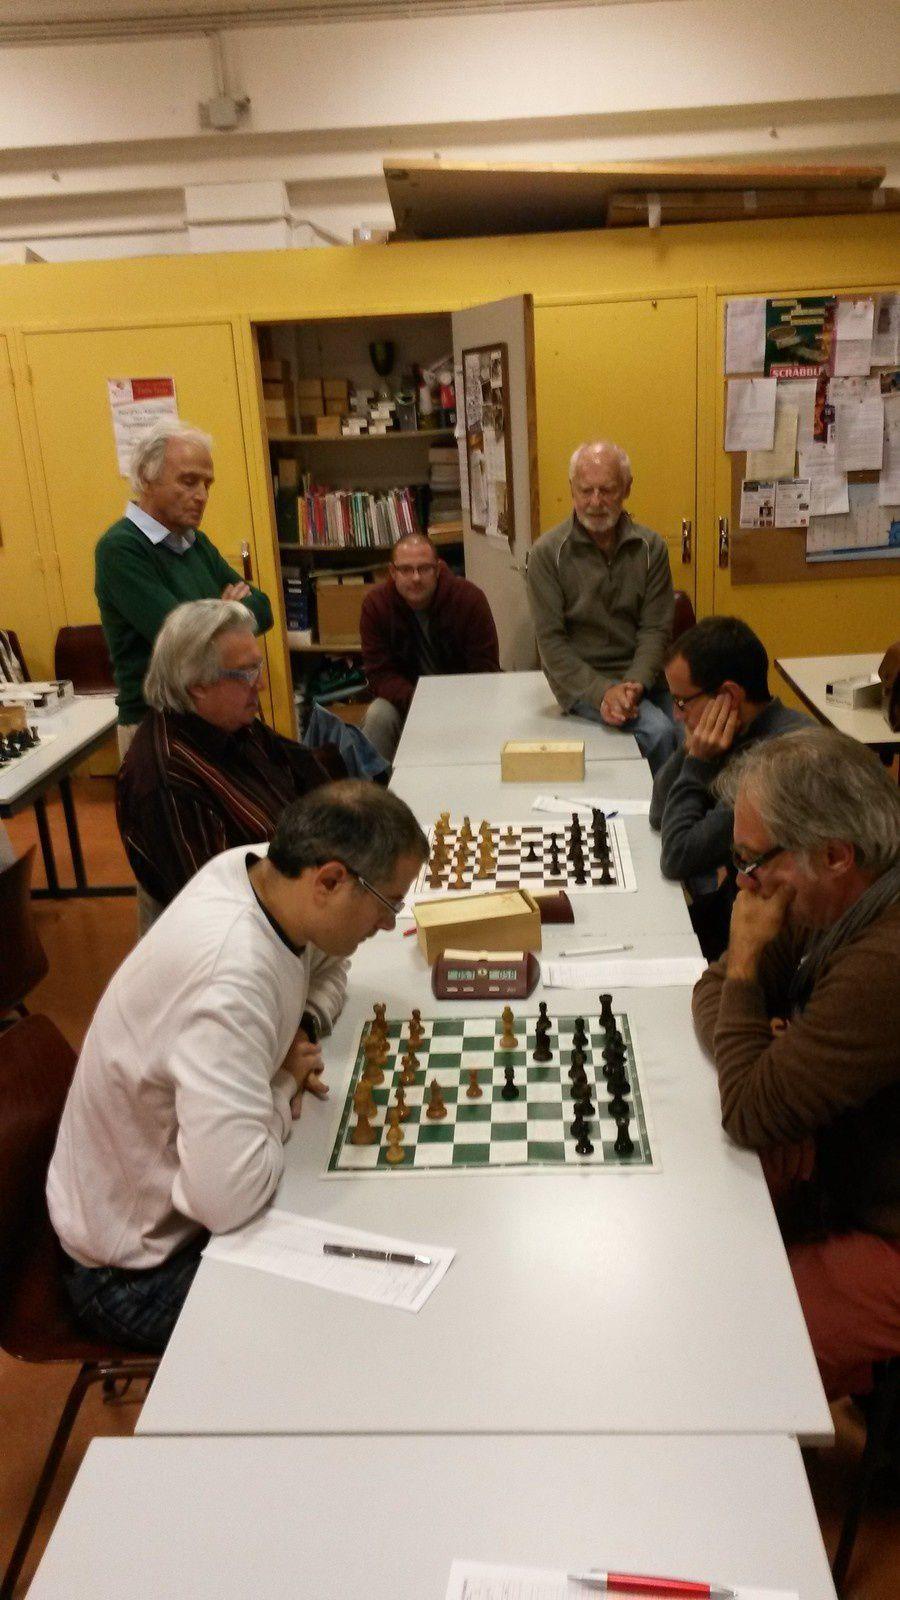 Laurent et Henri au premier plan, avec Michel et Bertrand au second